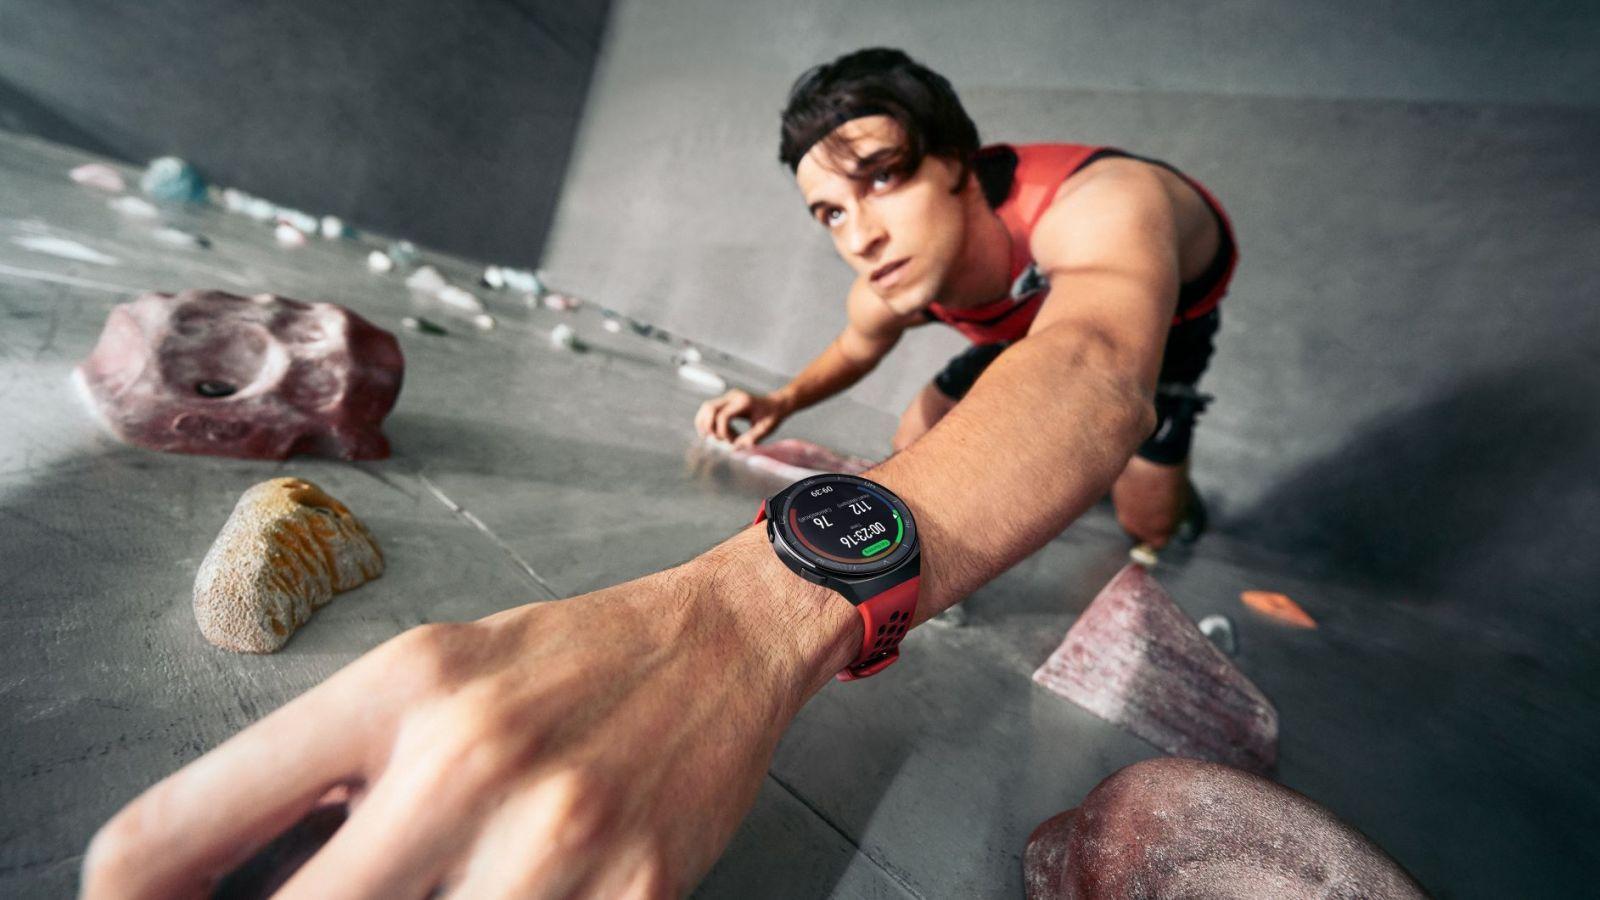 Hodinky stvorené pre športovcov: Huawei Watch GT 2e prichádzajú na Slovensko